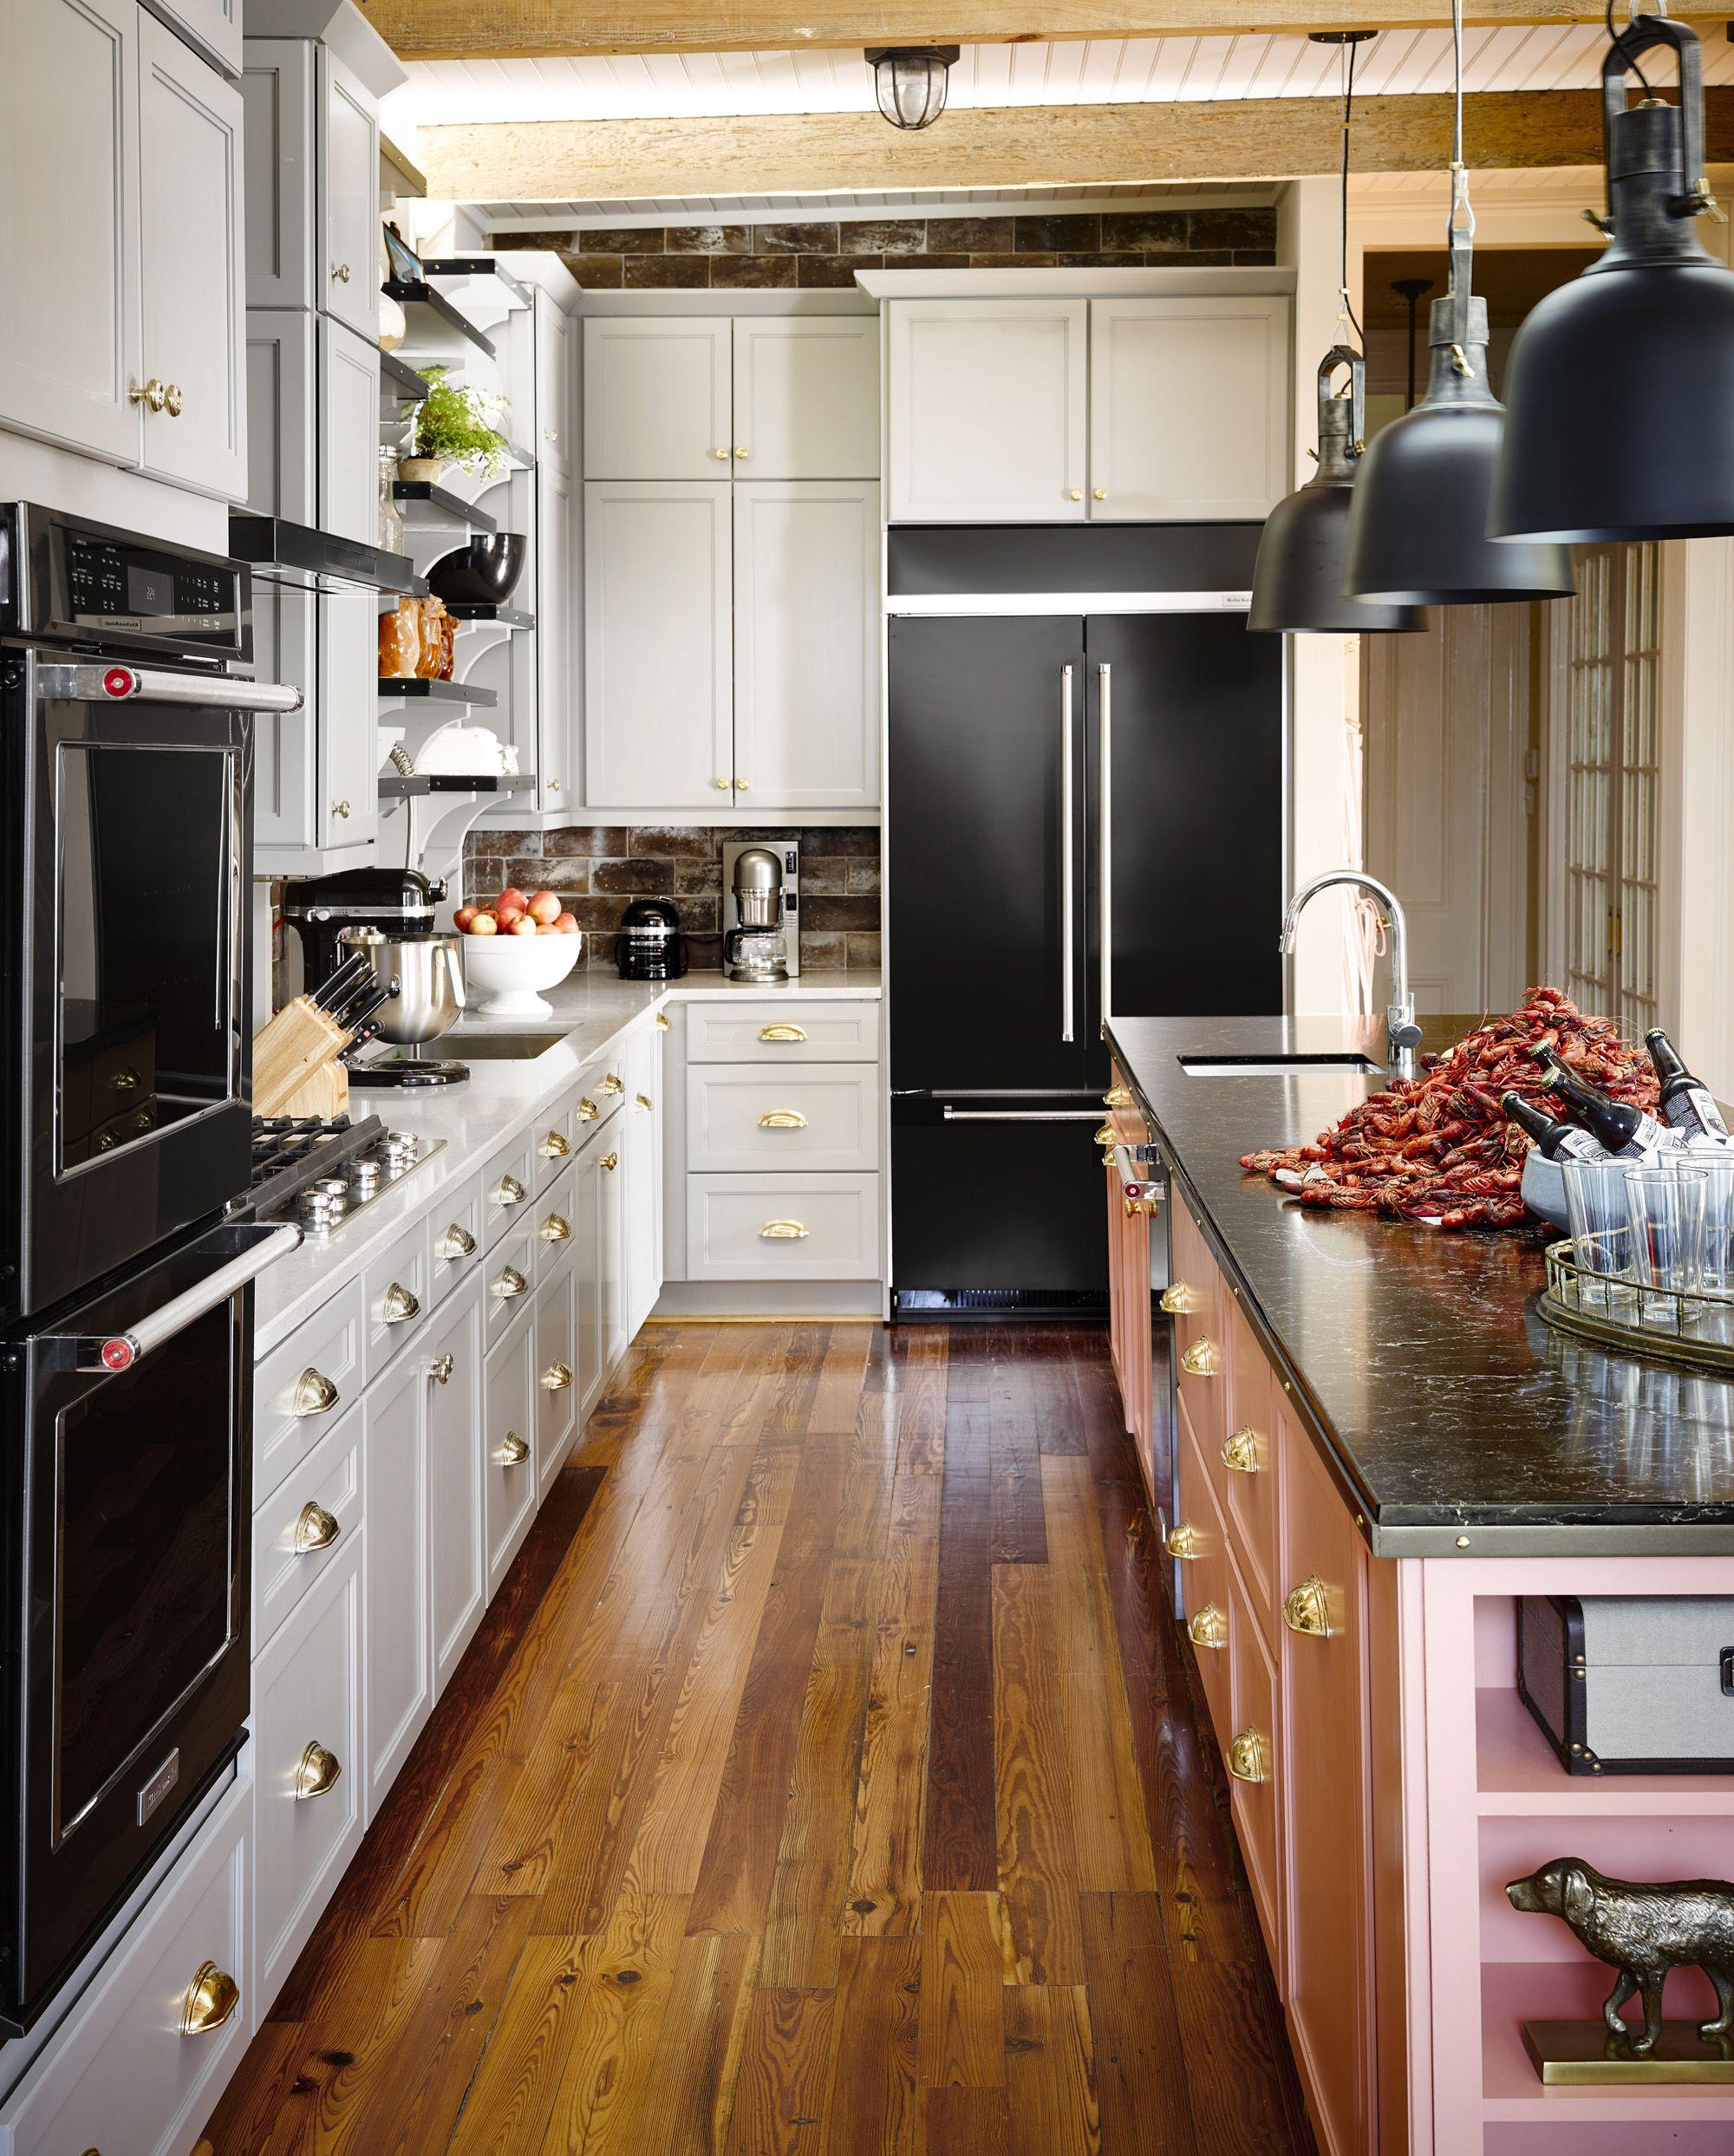 Best Kitchen Trends For 2019  Kitchen Design Ideas 2019